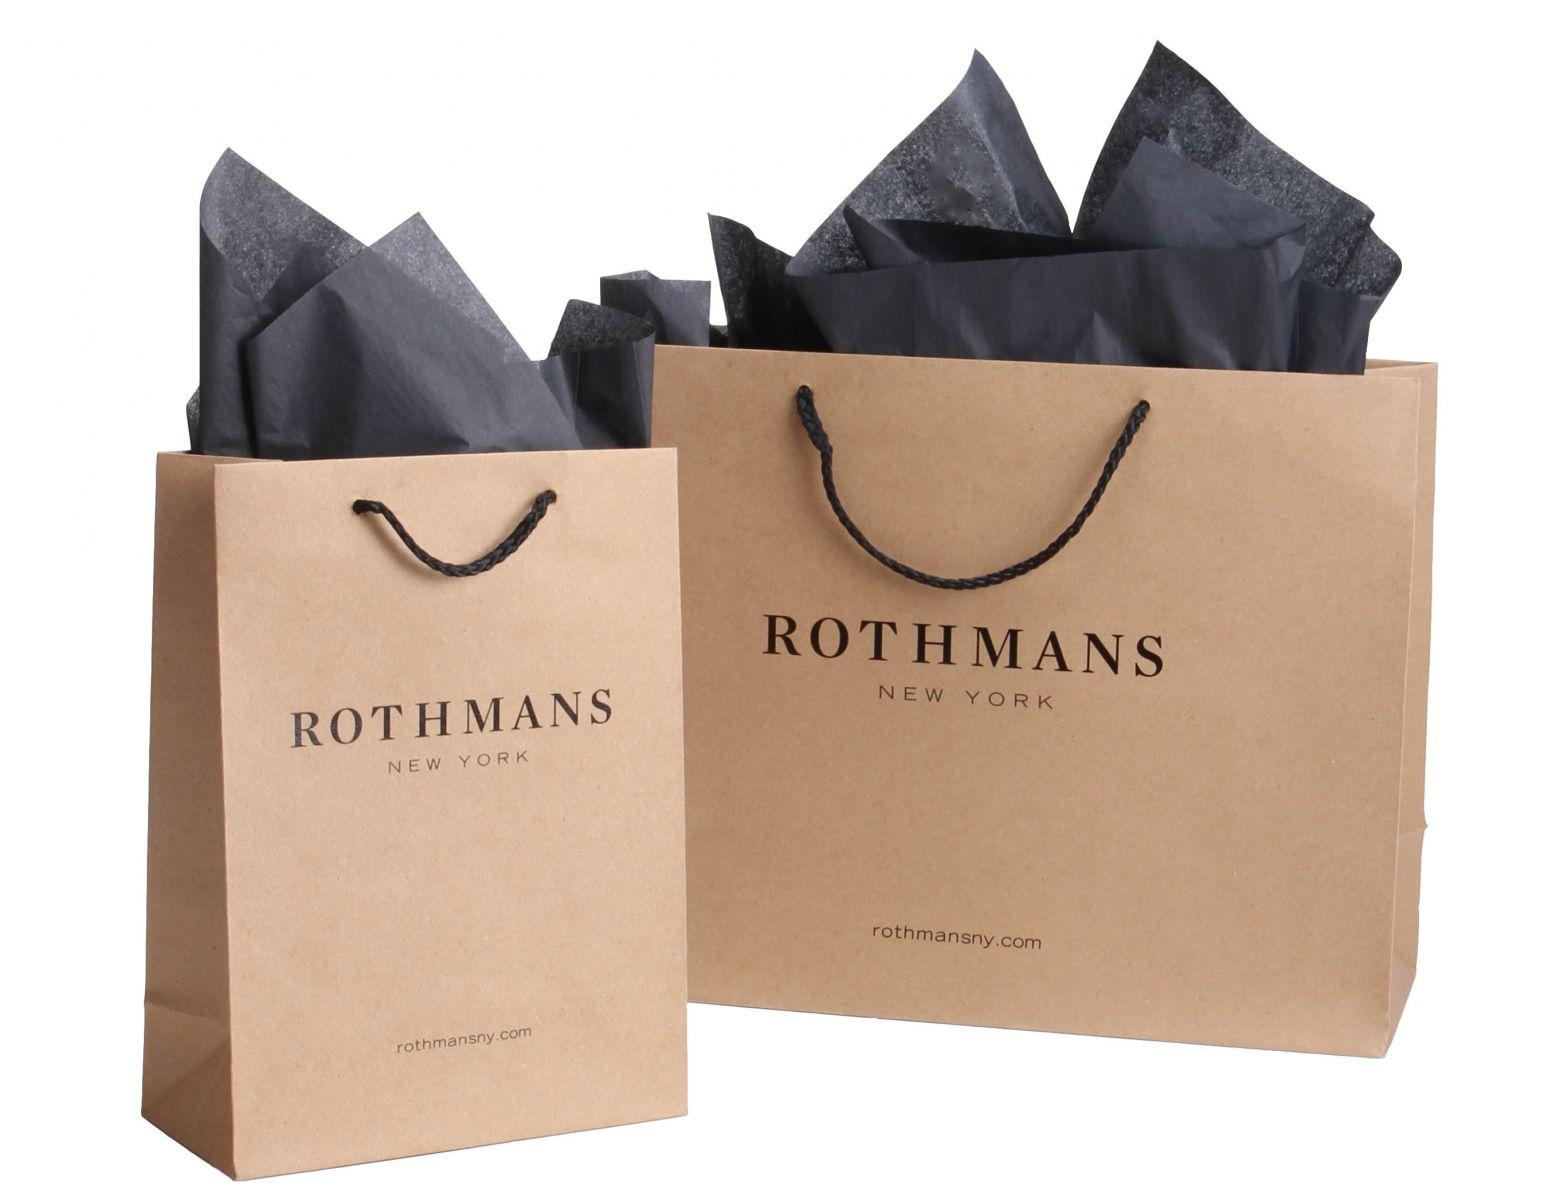 Túi giấy kraft có độ bền cao hơn các loại túi giấy khác